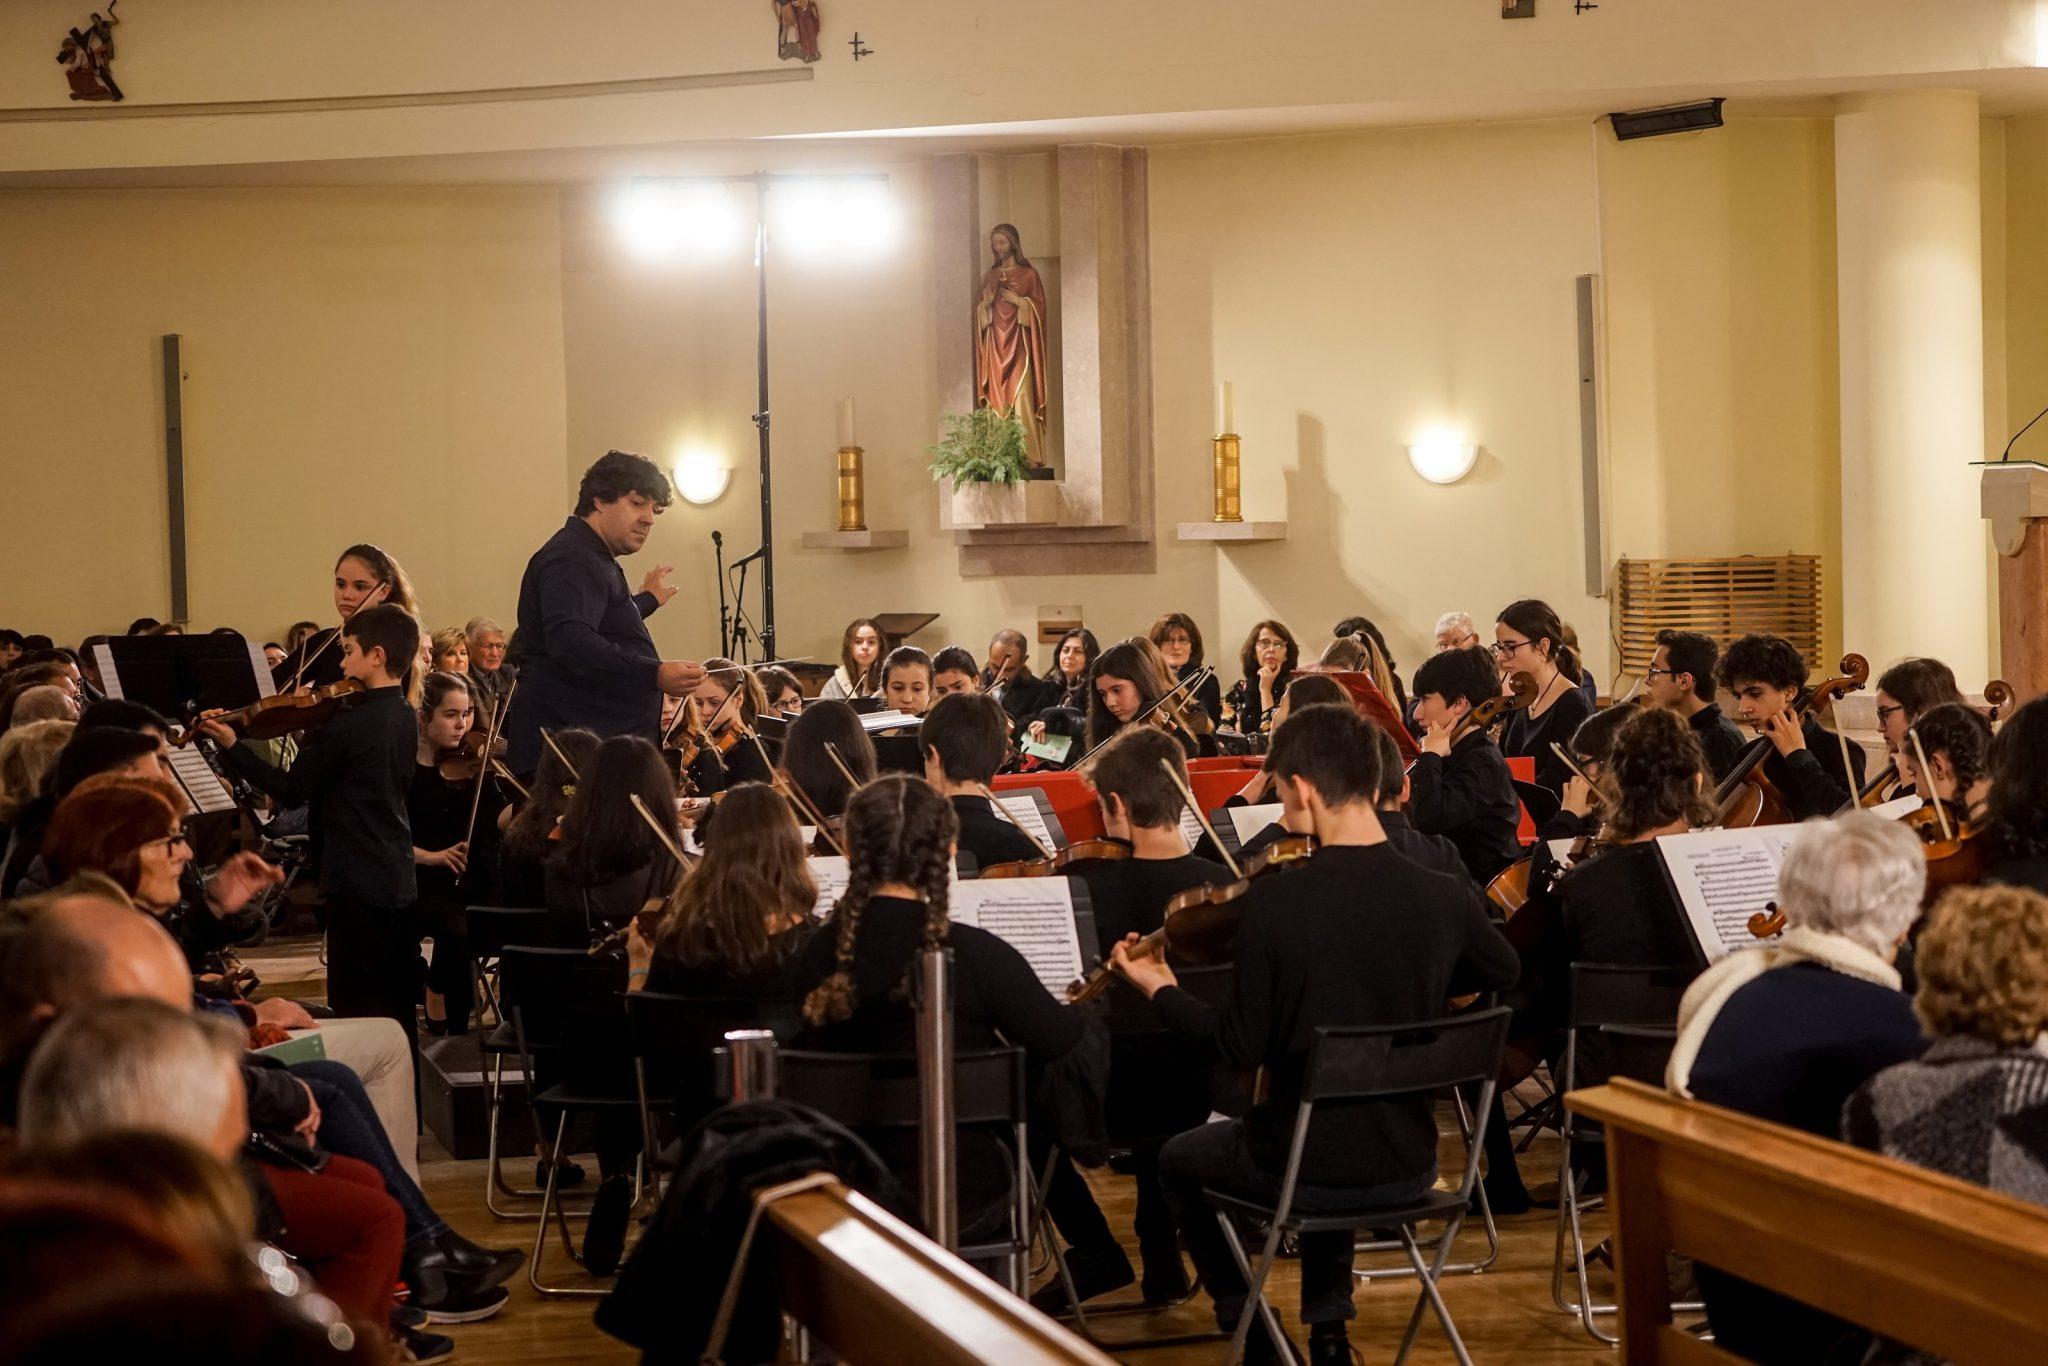 Músicos durante concerto